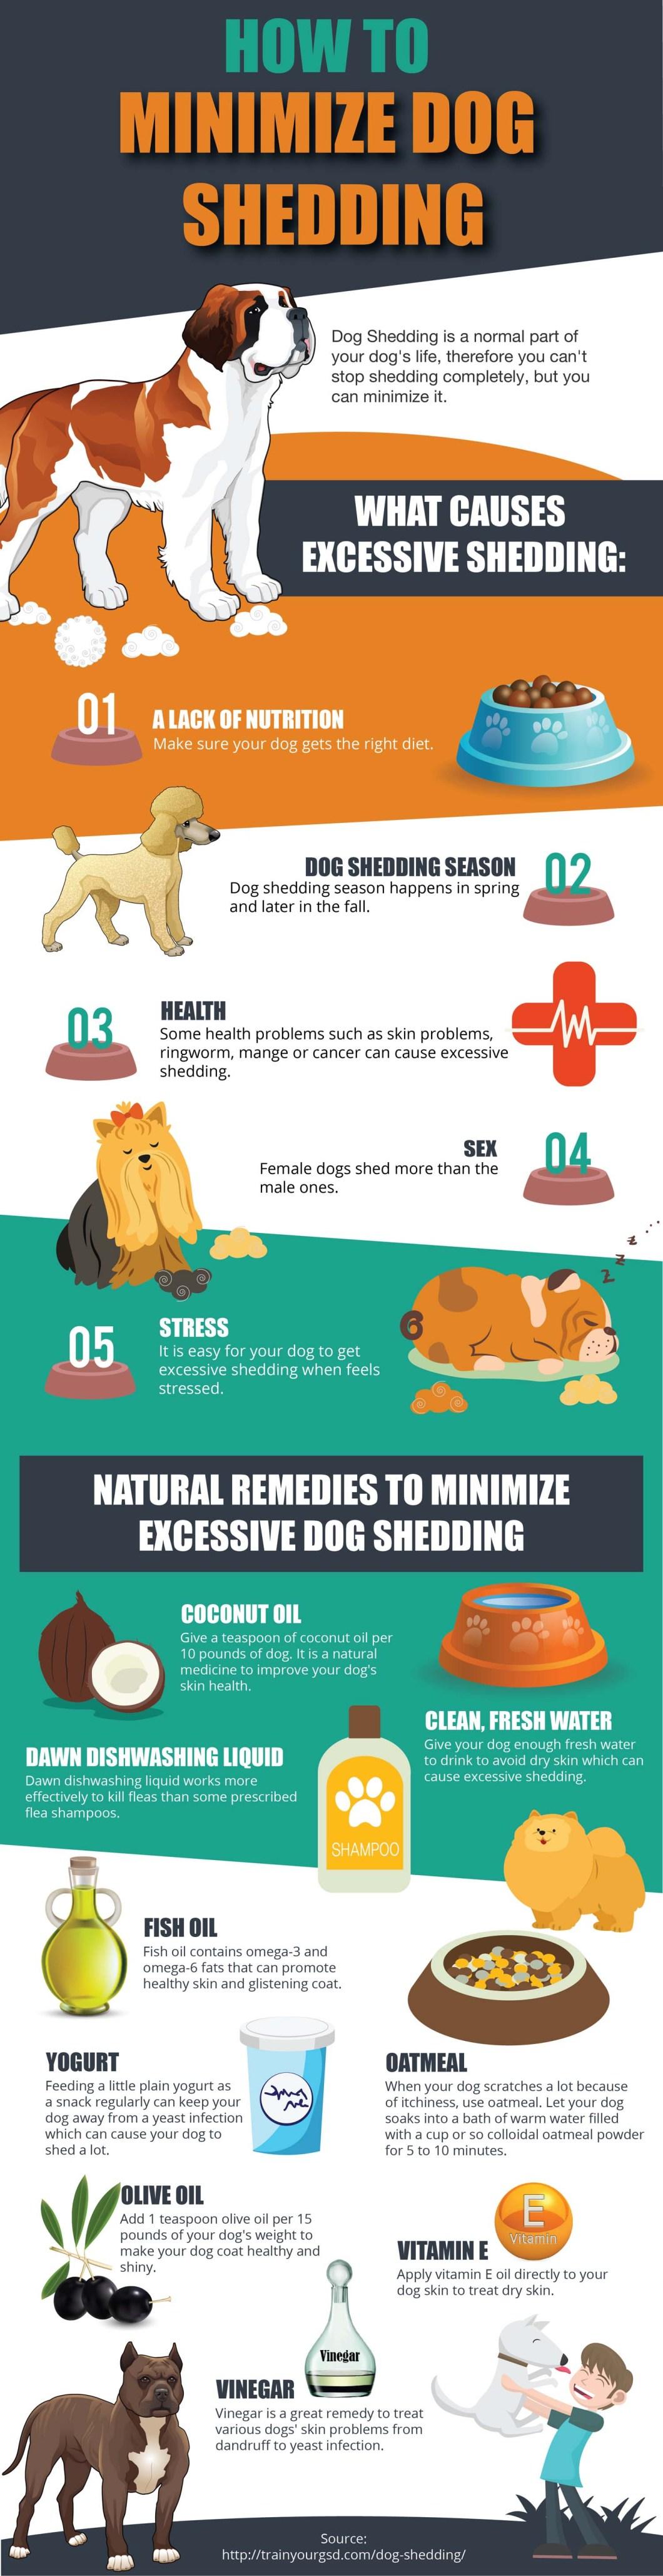 9 Ways To Reduce Dog Shedding - Infographic